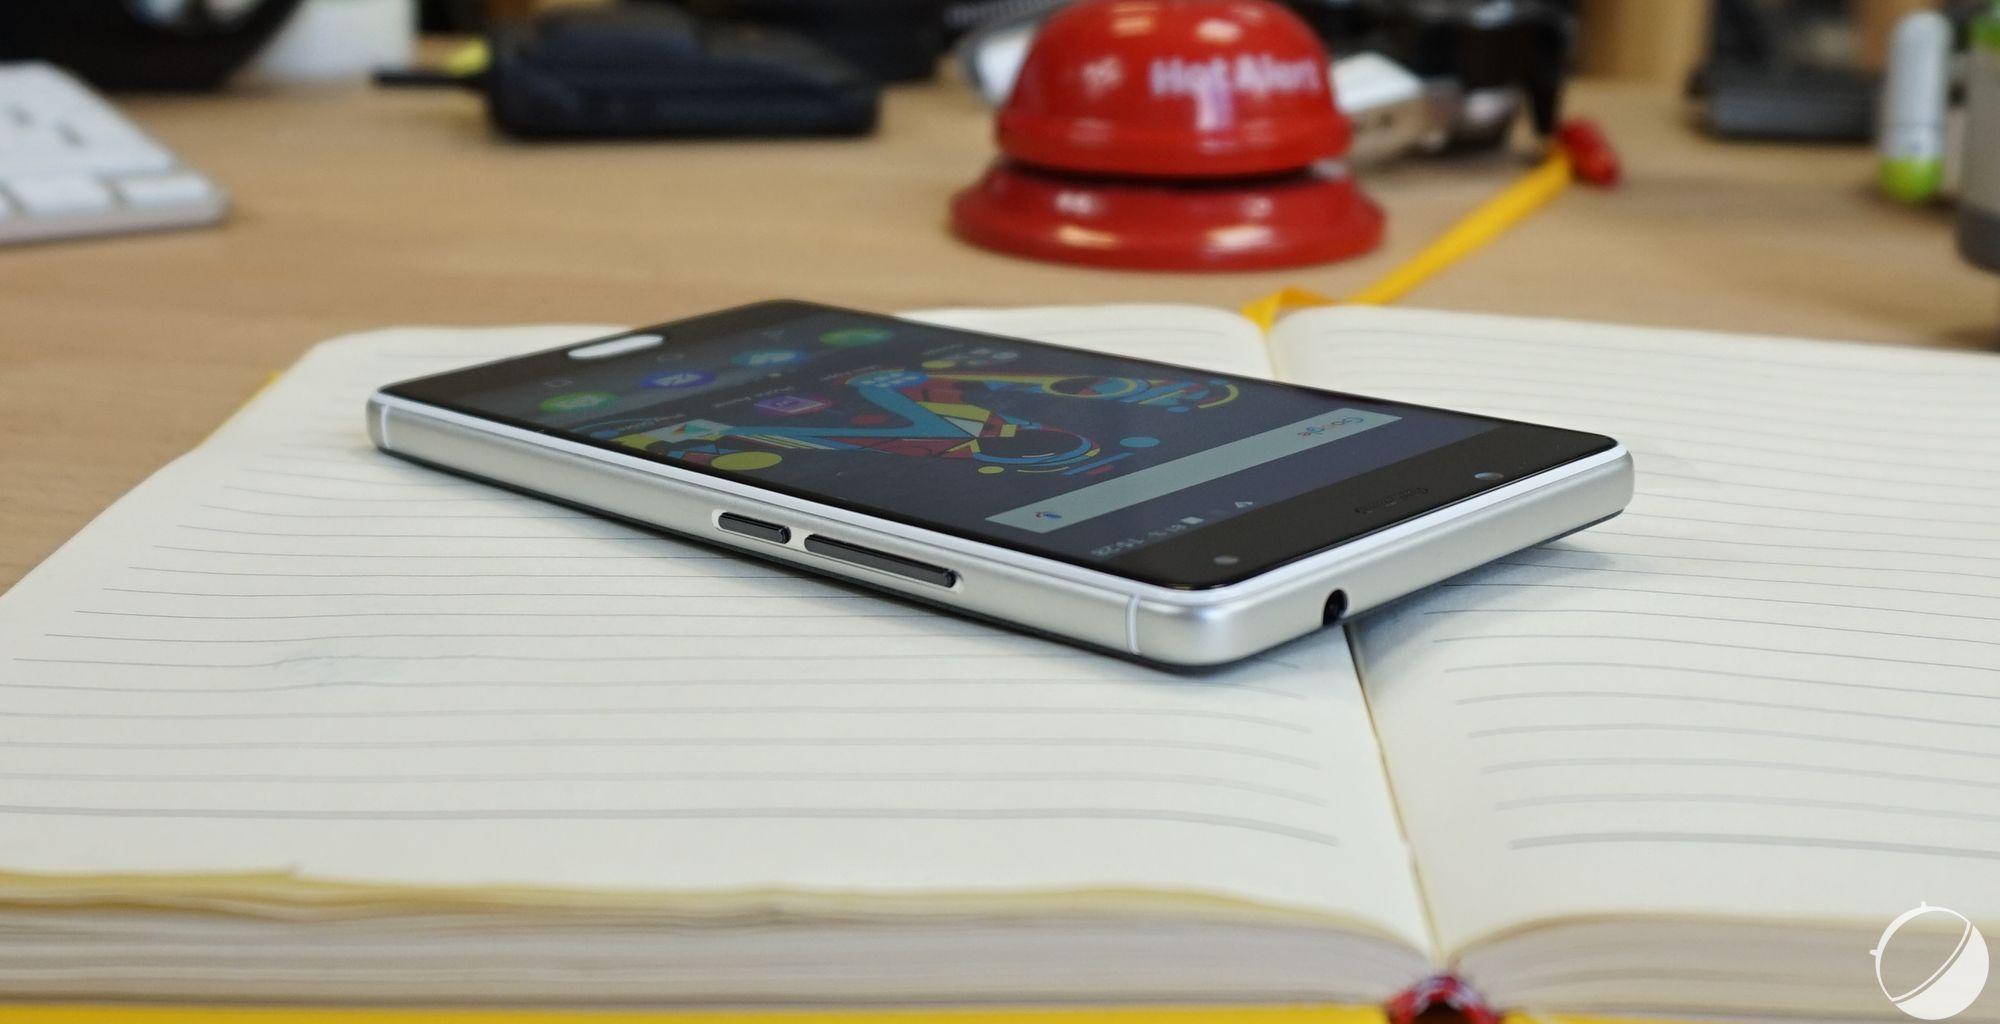 Test wiko ufeel notre avis complet smartphones frandroid for Test ecran pc 2016